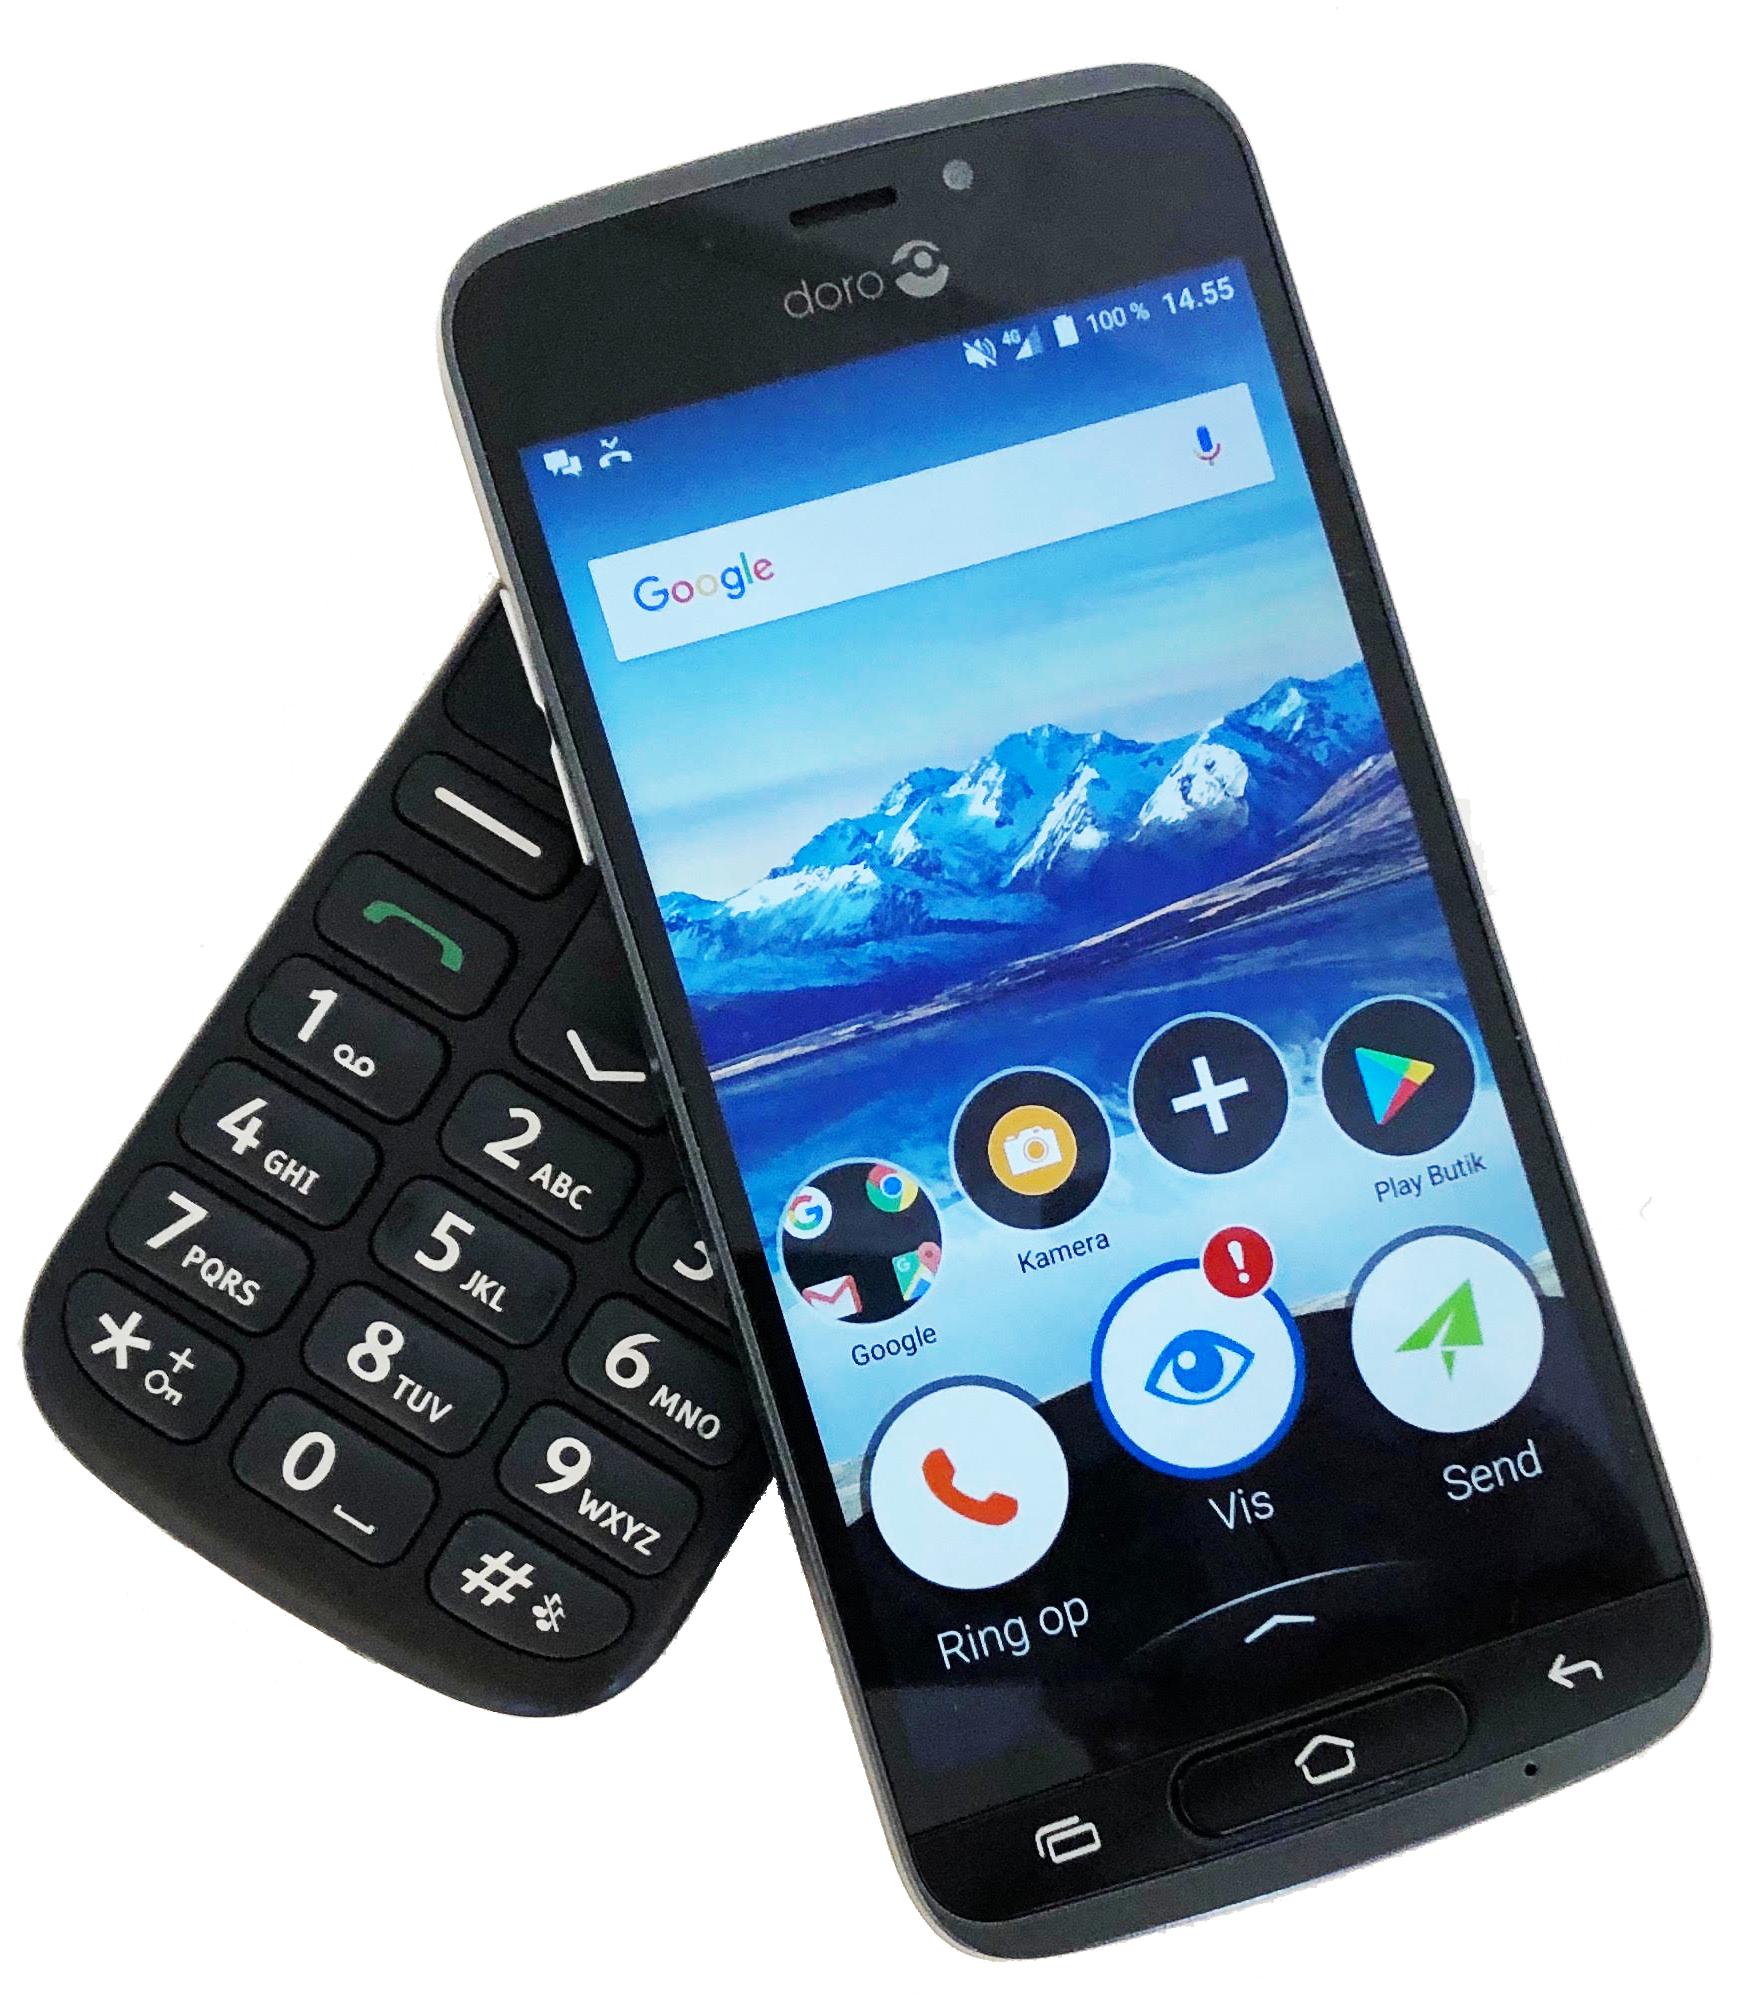 Ny Doro telefon fra Fastnet.nu